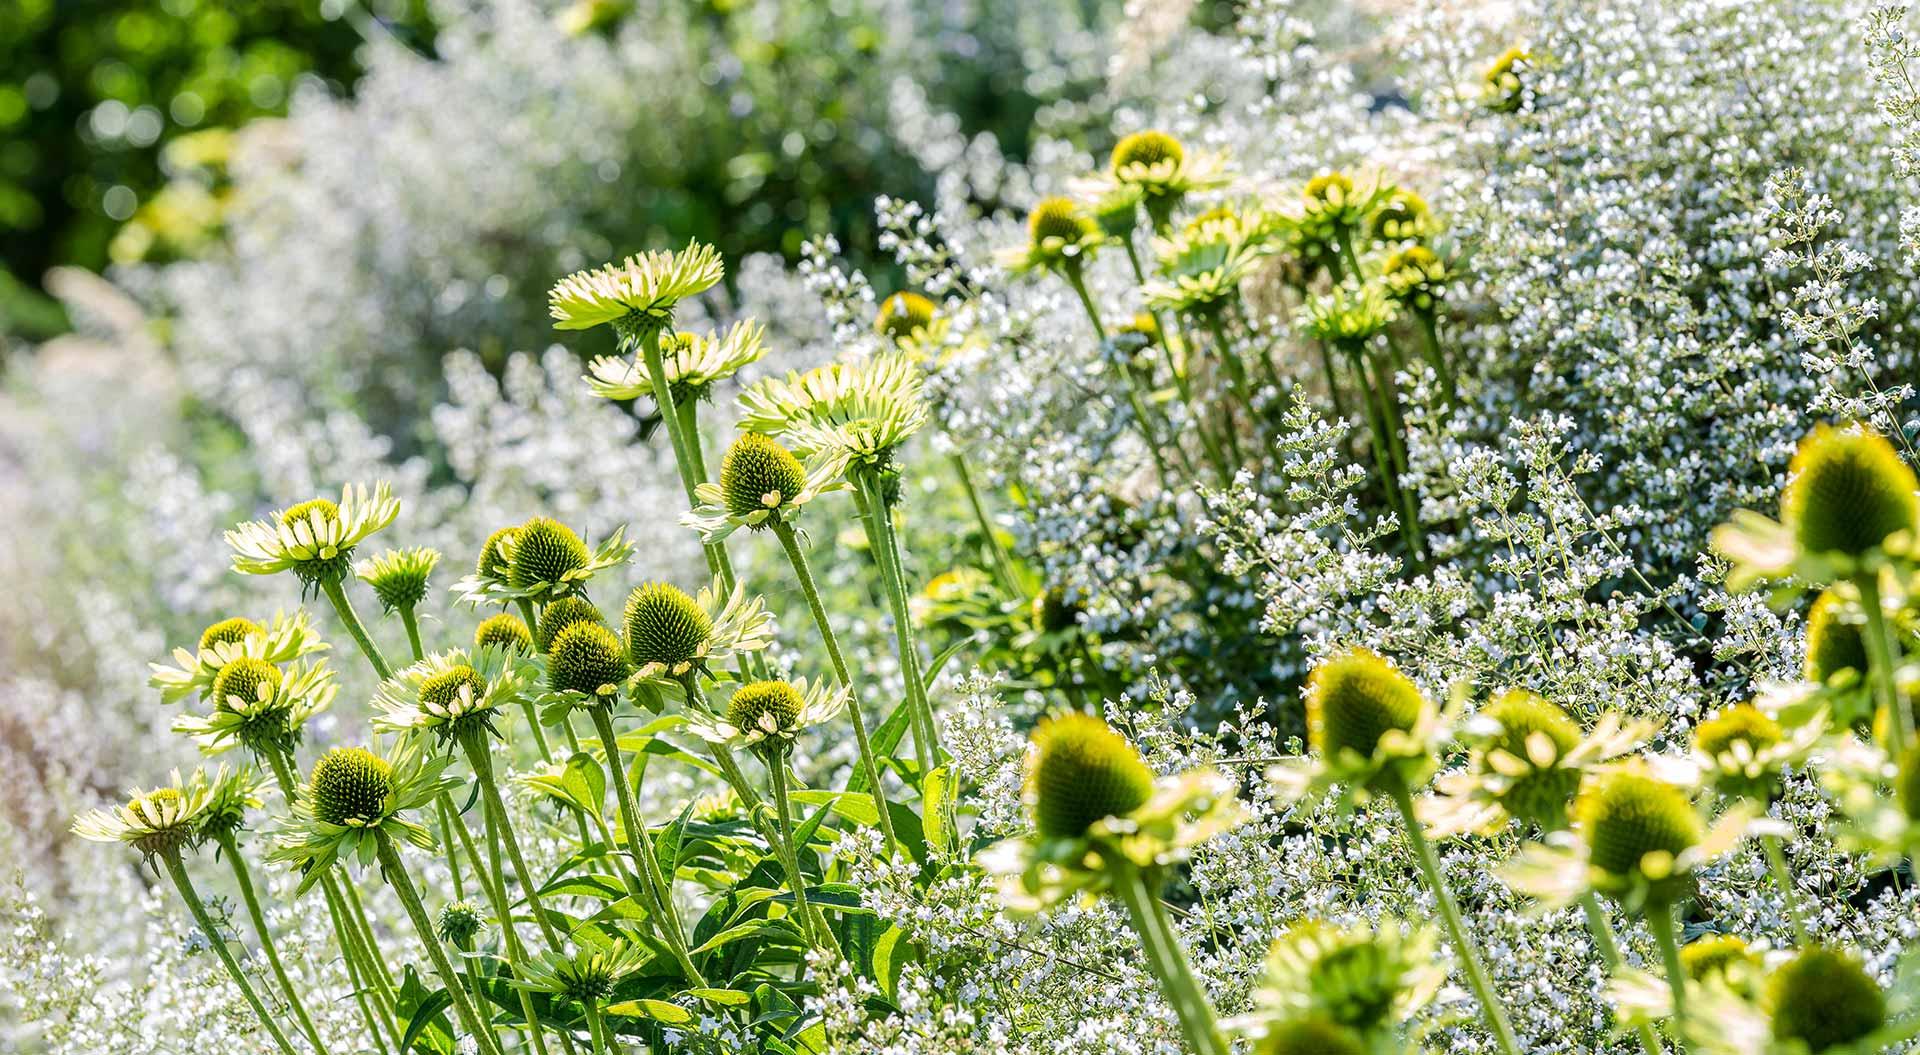 Detail-Ansicht eines von der Sonne angestrahlten Blumenmeers